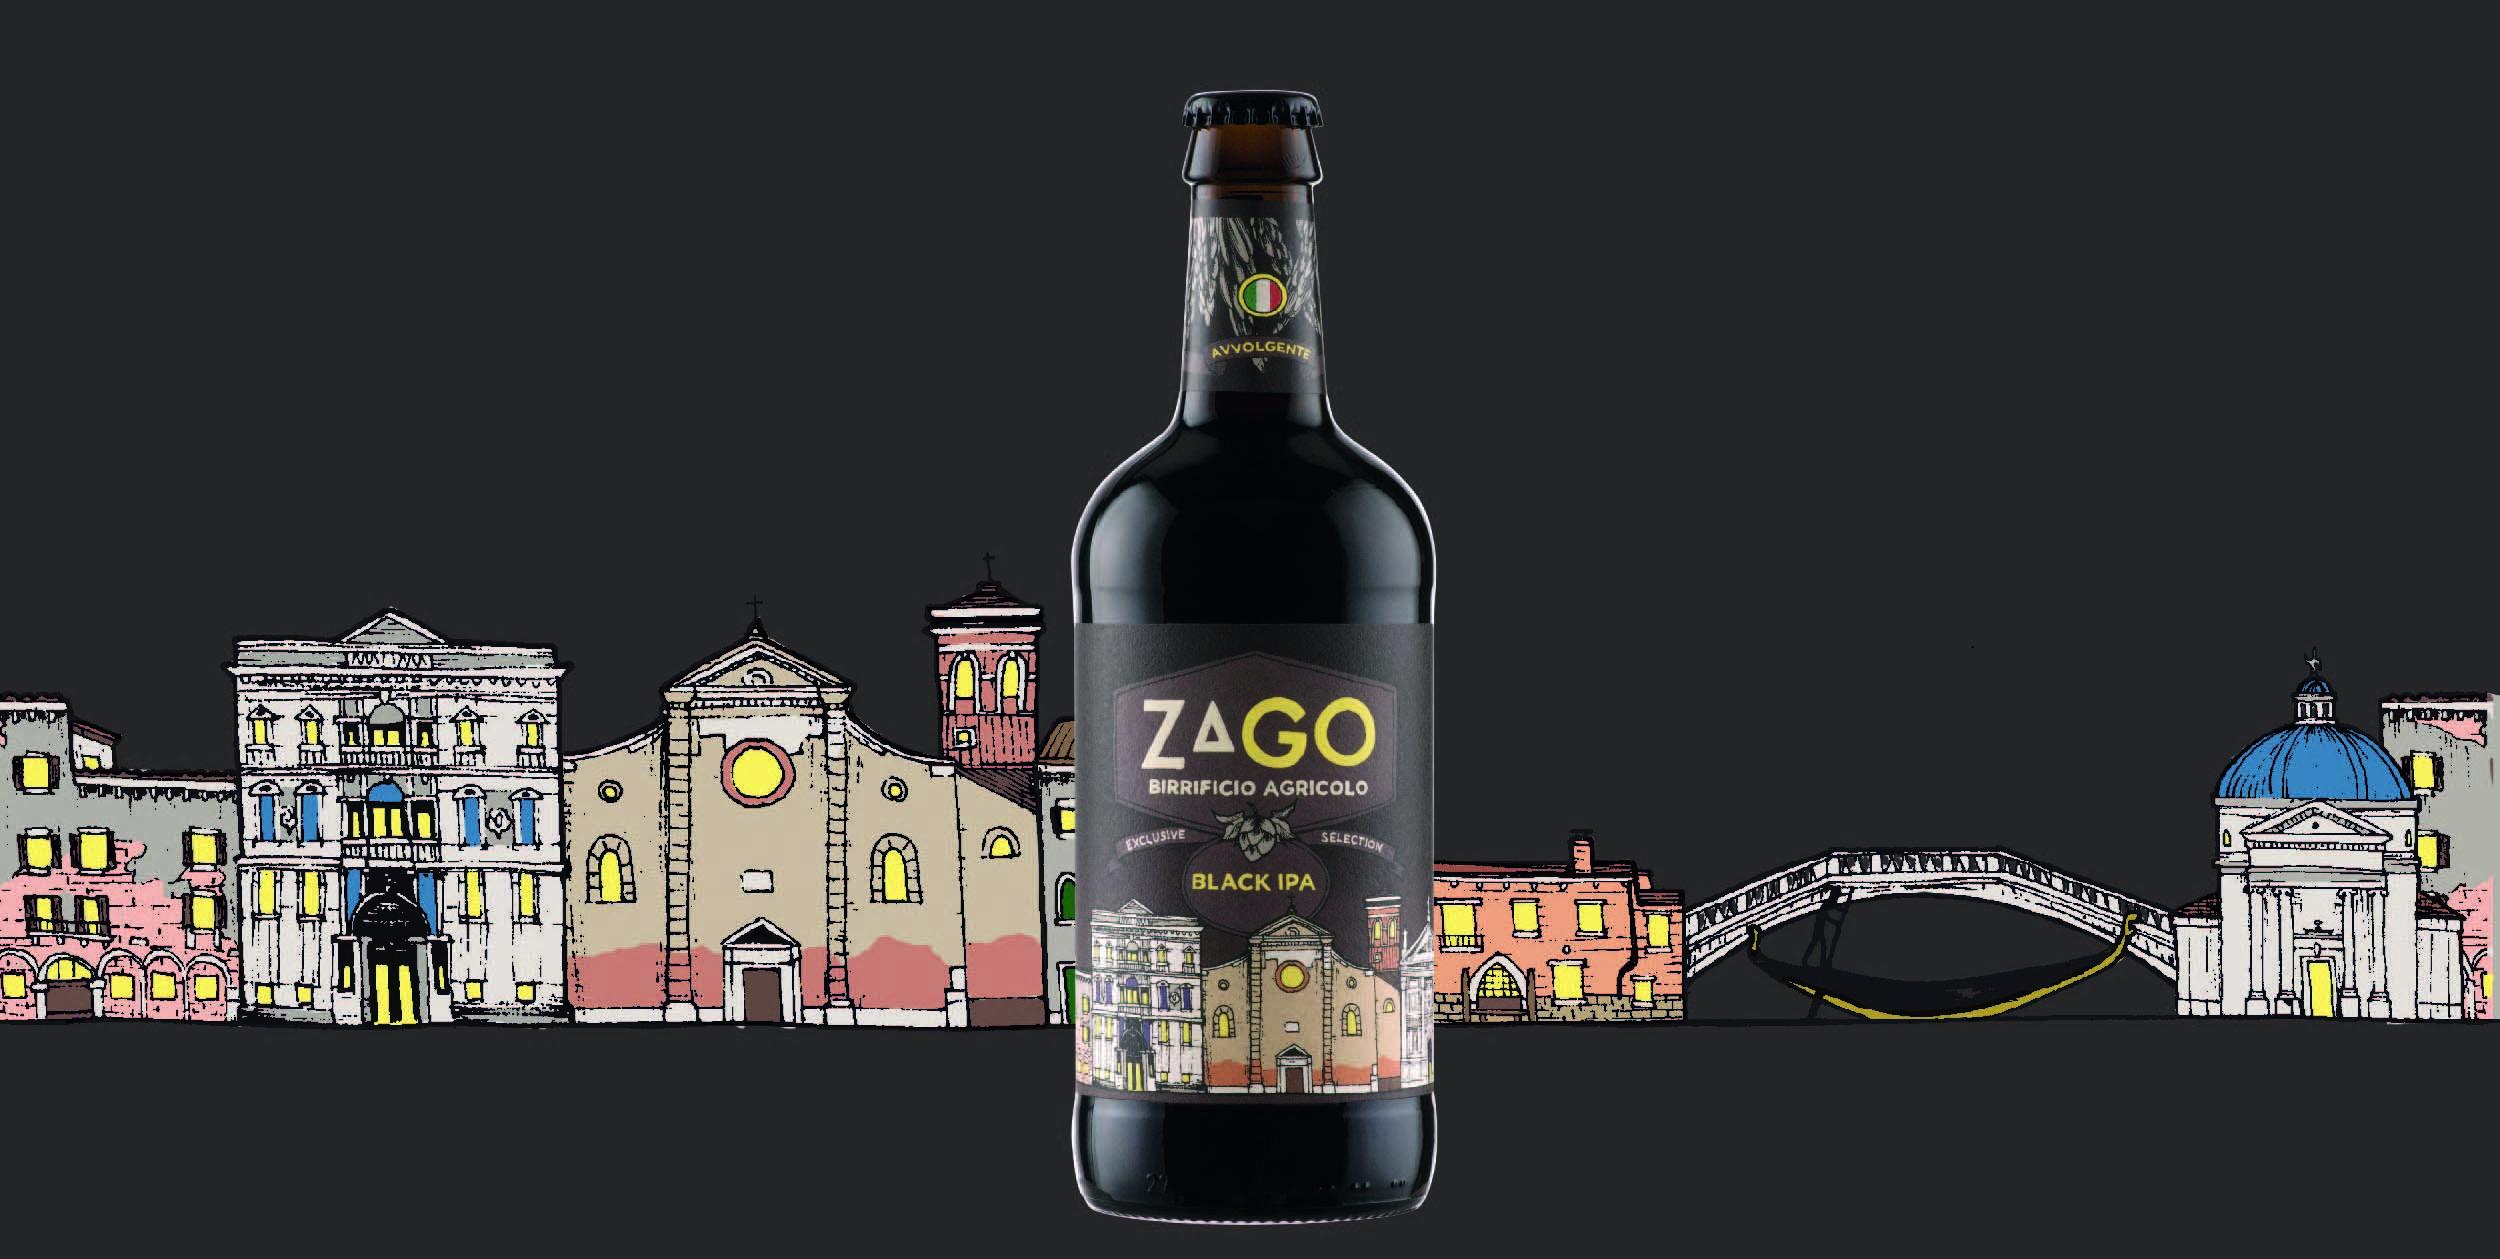 Black IPA Zago-Santa Croce Venezia